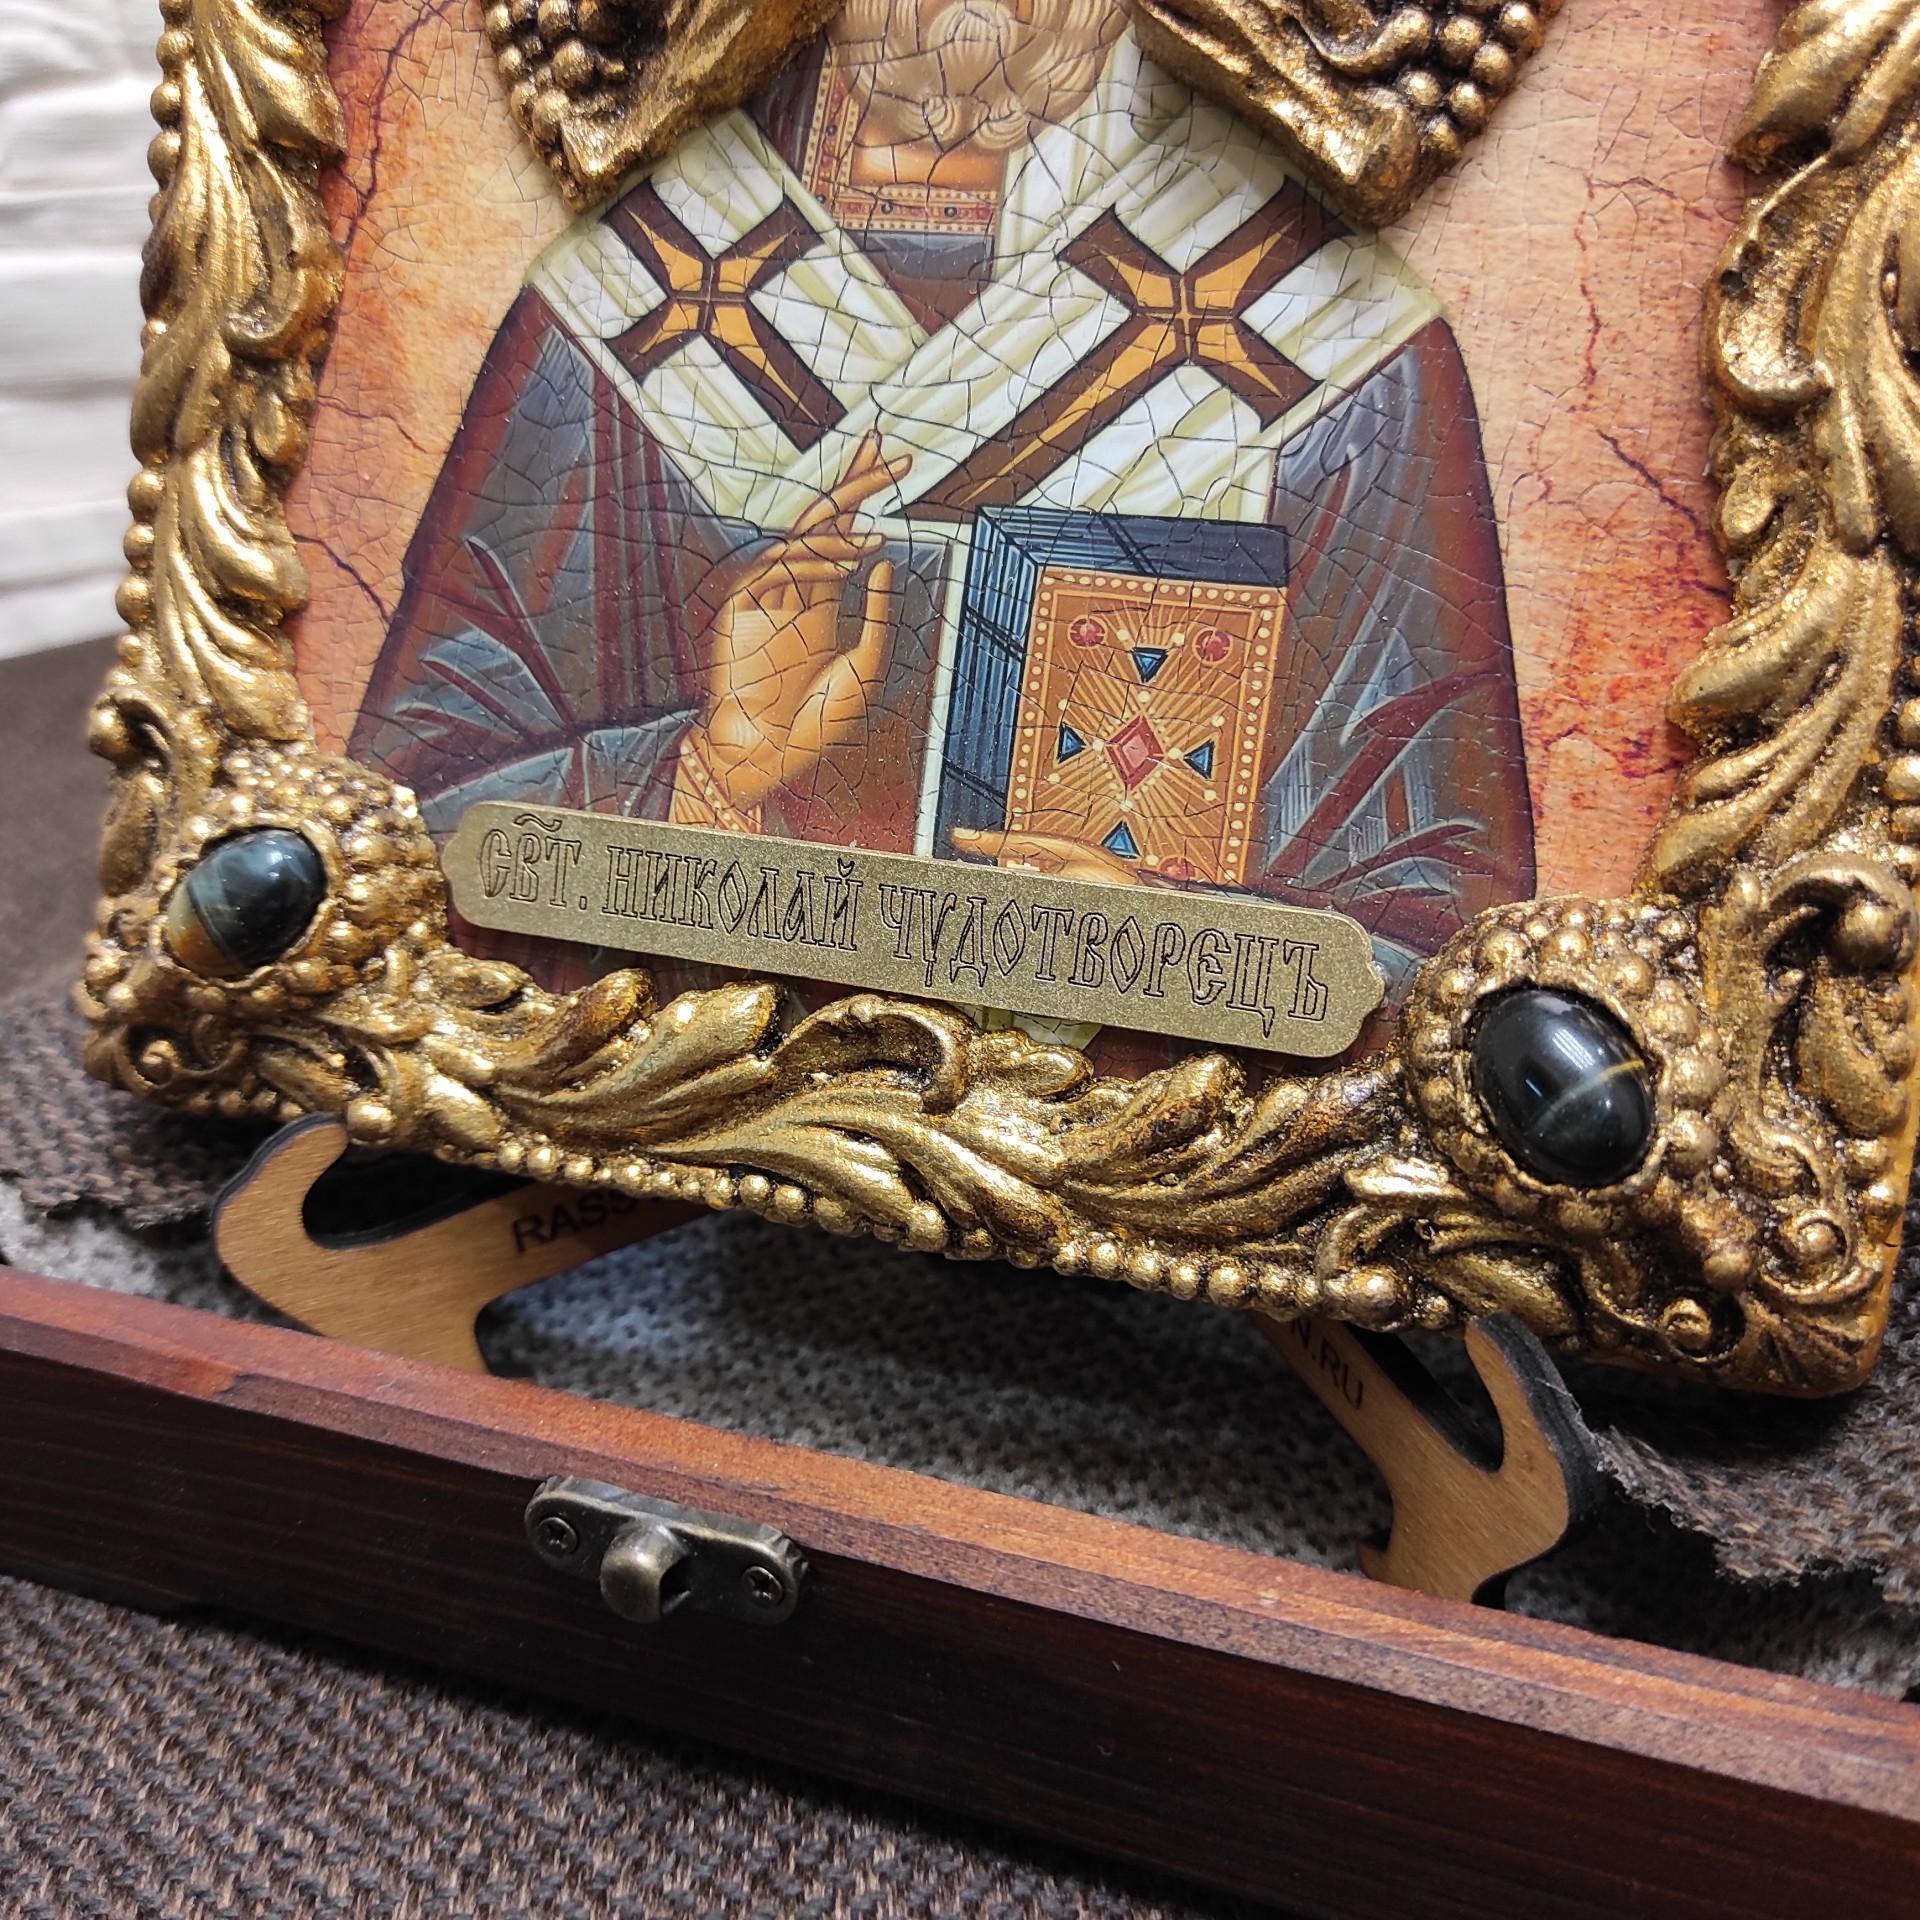 Фото нижних камней авторской иконы Николая Чудотворца